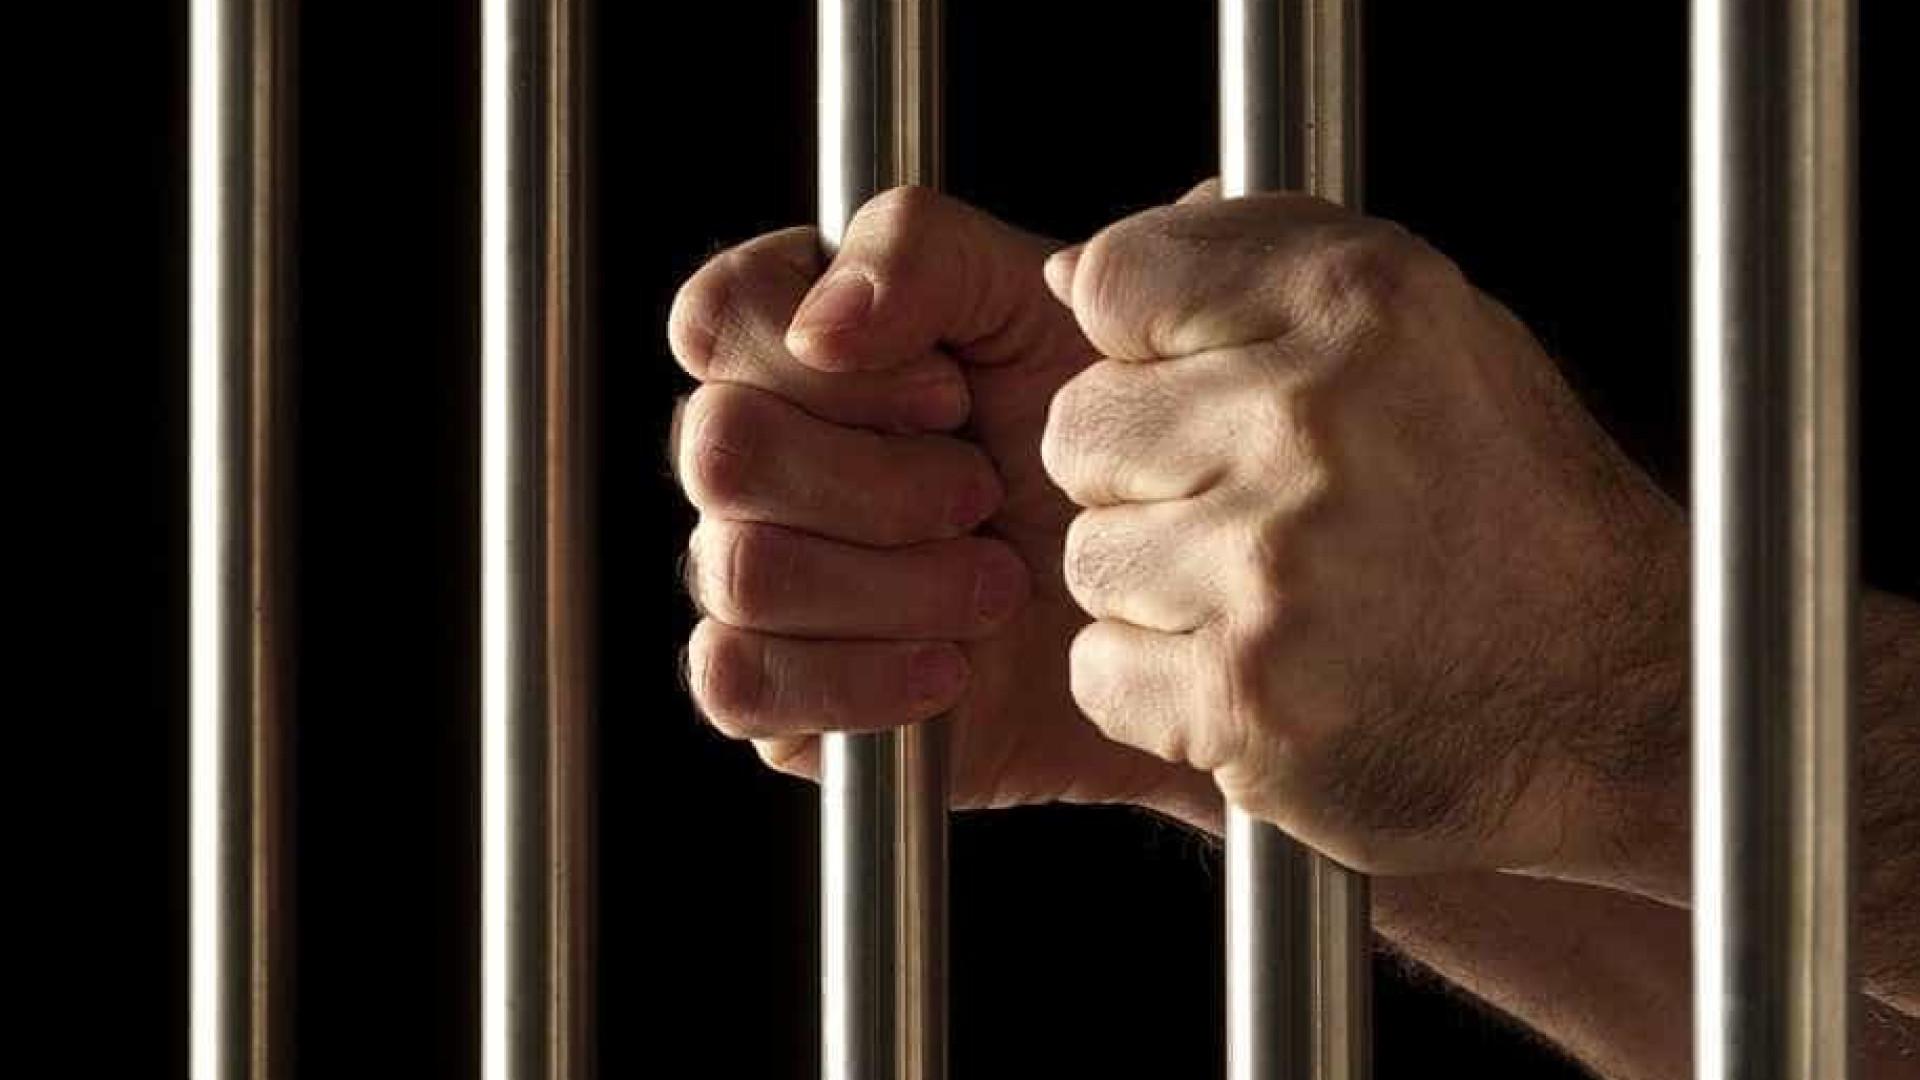 Projeto que obriga detento a pagar despesas na prisão avança no Senado